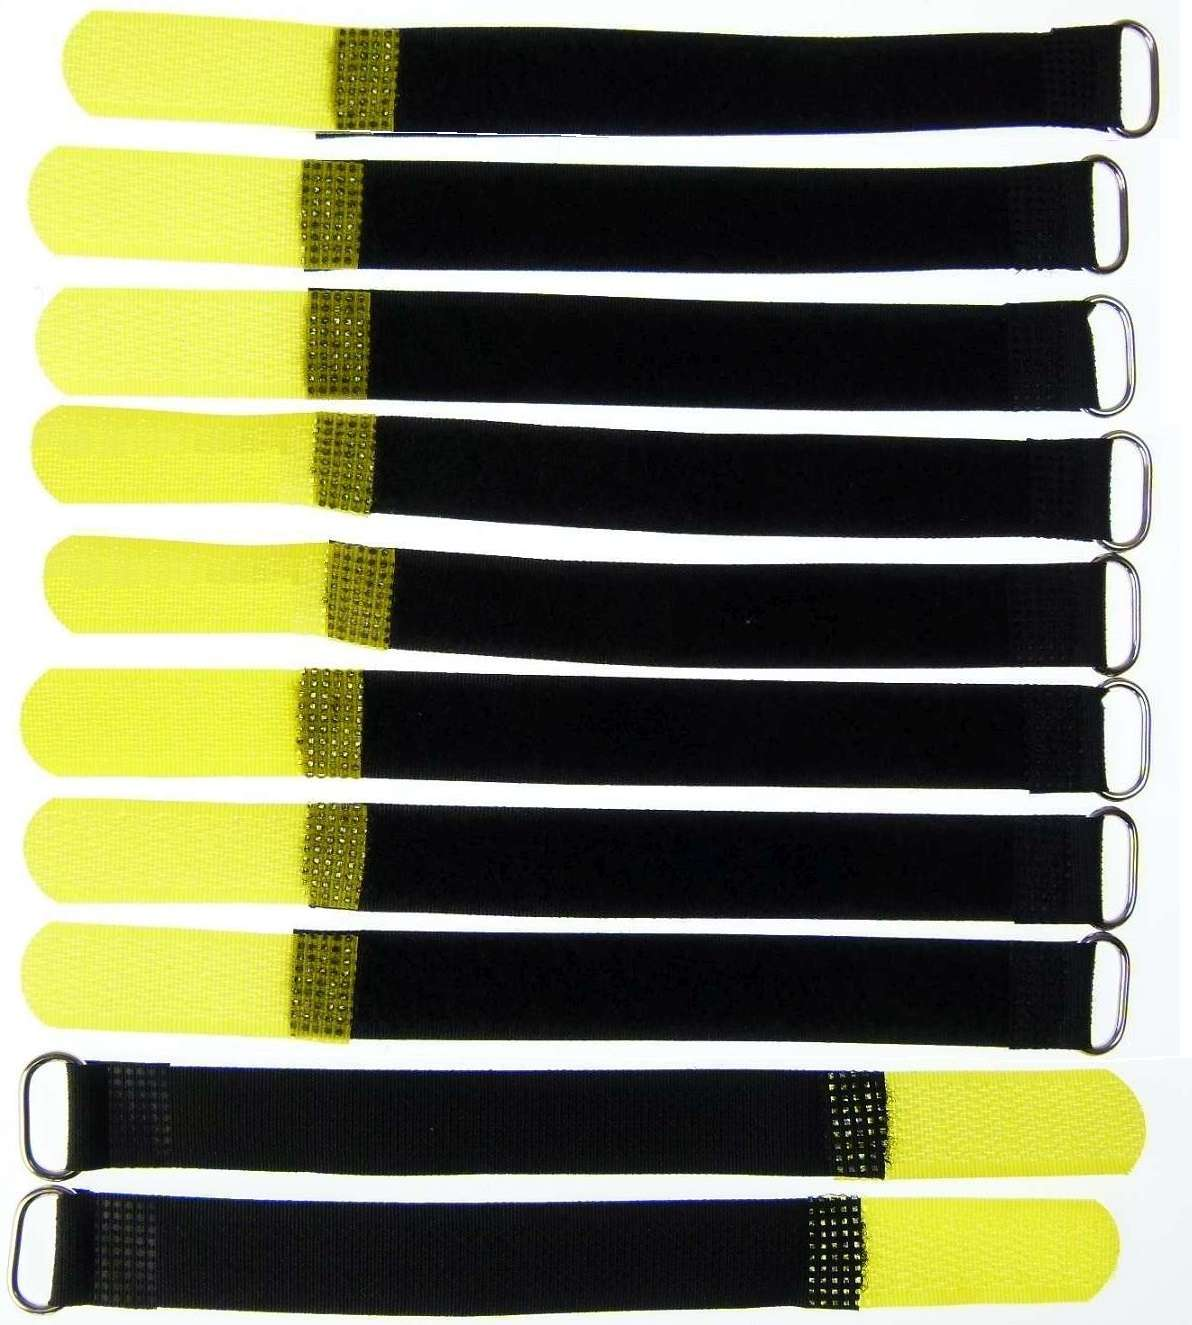 20x Klettkabelbinder 160 x 16 mm gelb Kabelbinder Kabel Klettband Kabelklett Öse